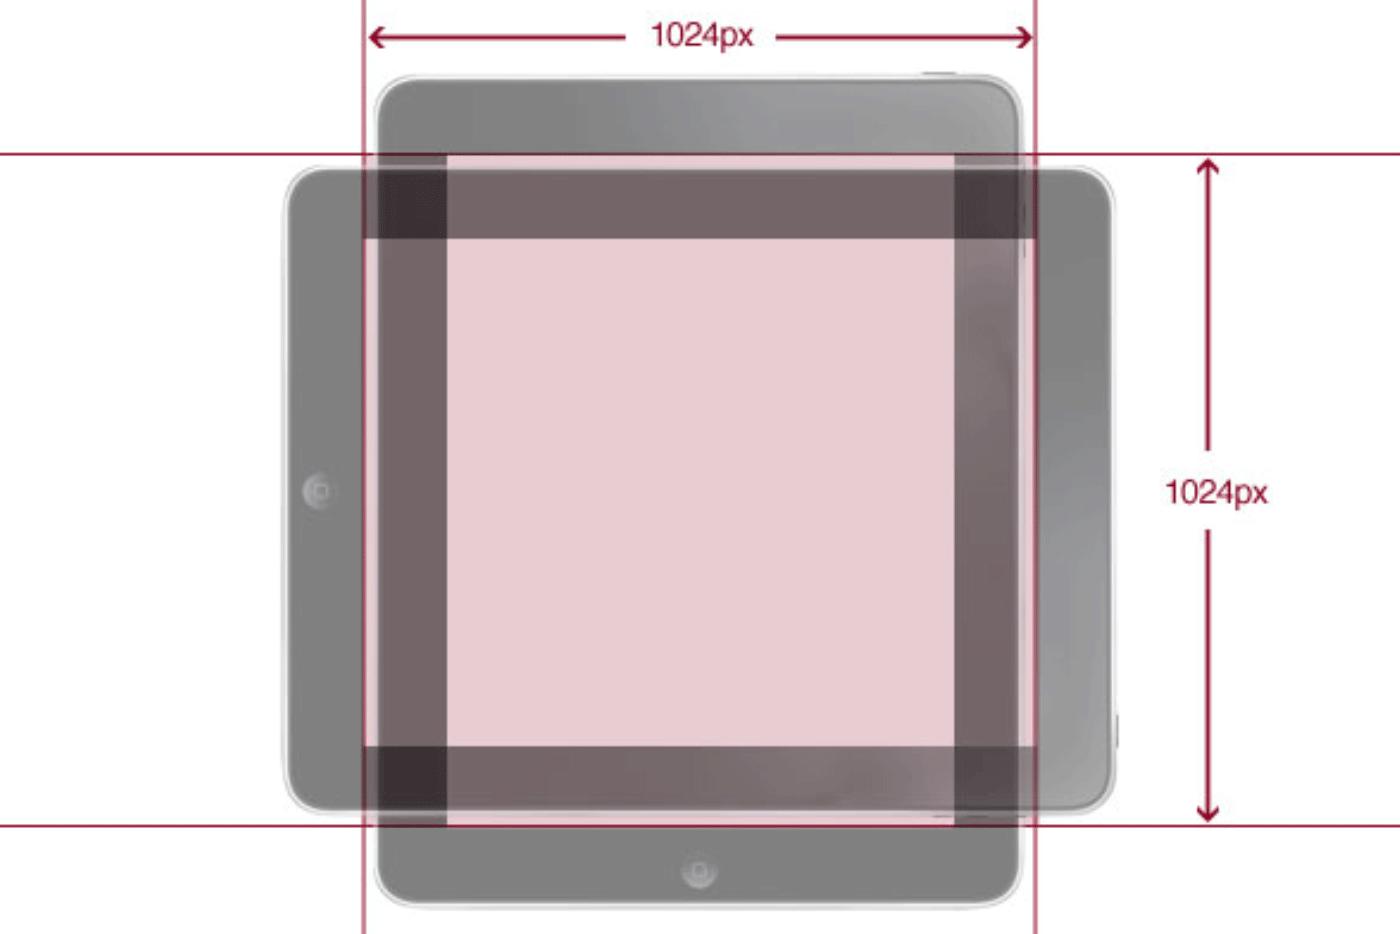 Ipad 壁紙の作り方 Tokyoheadterminal